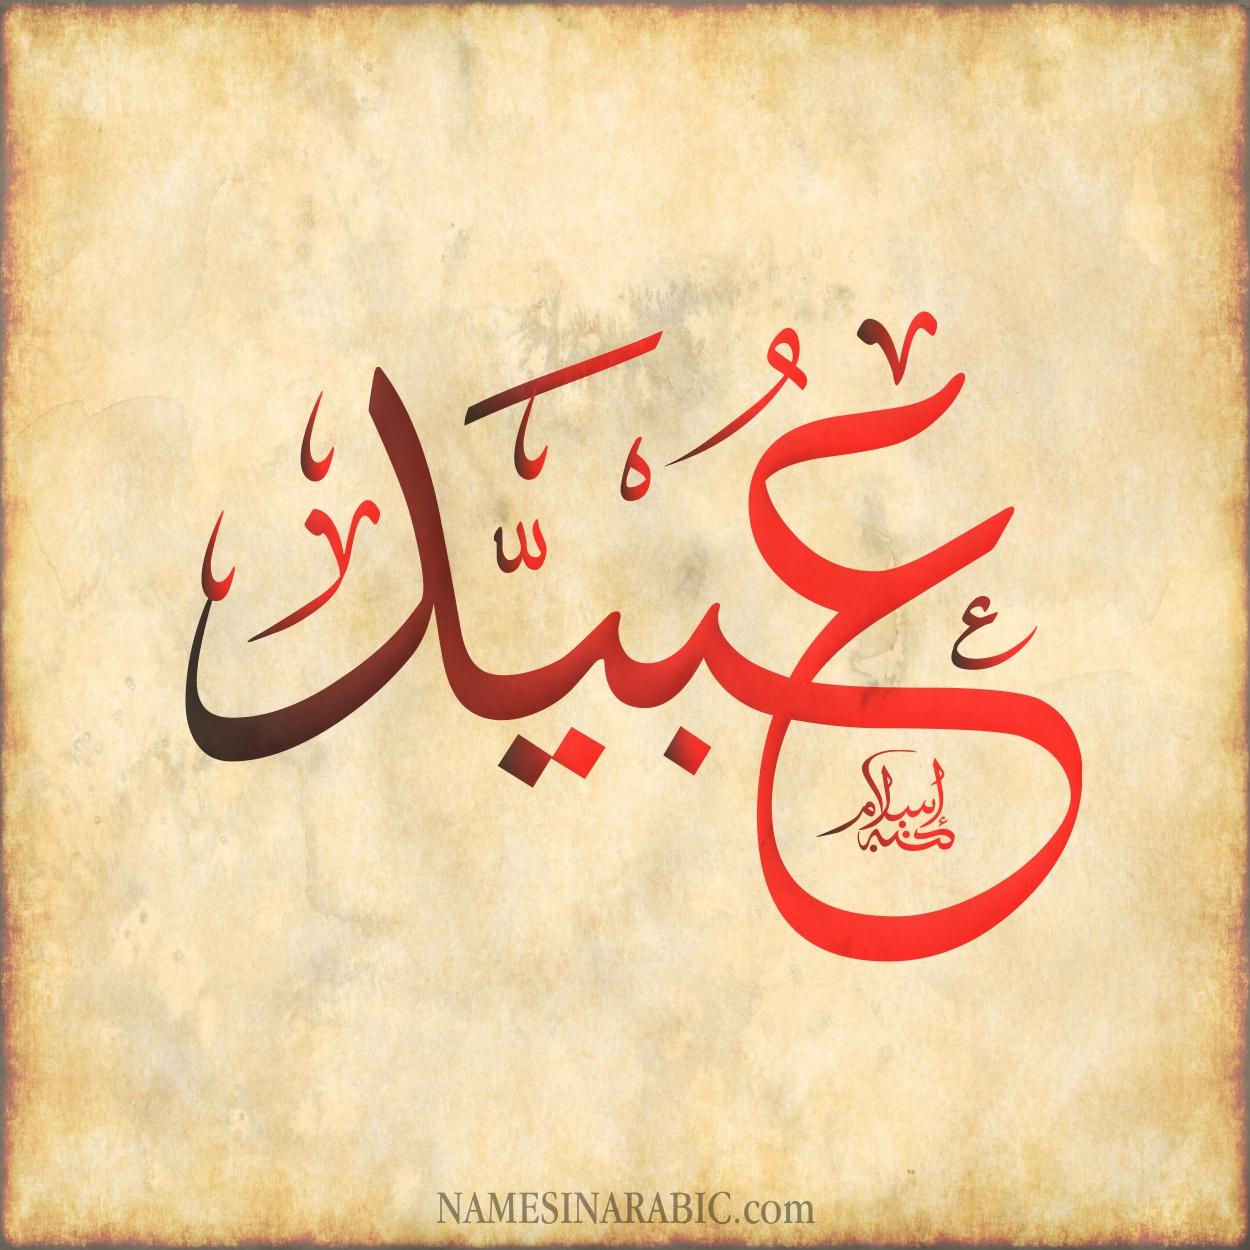 معنى اسم ع ب ي د قاموس الأسماء و المعاني